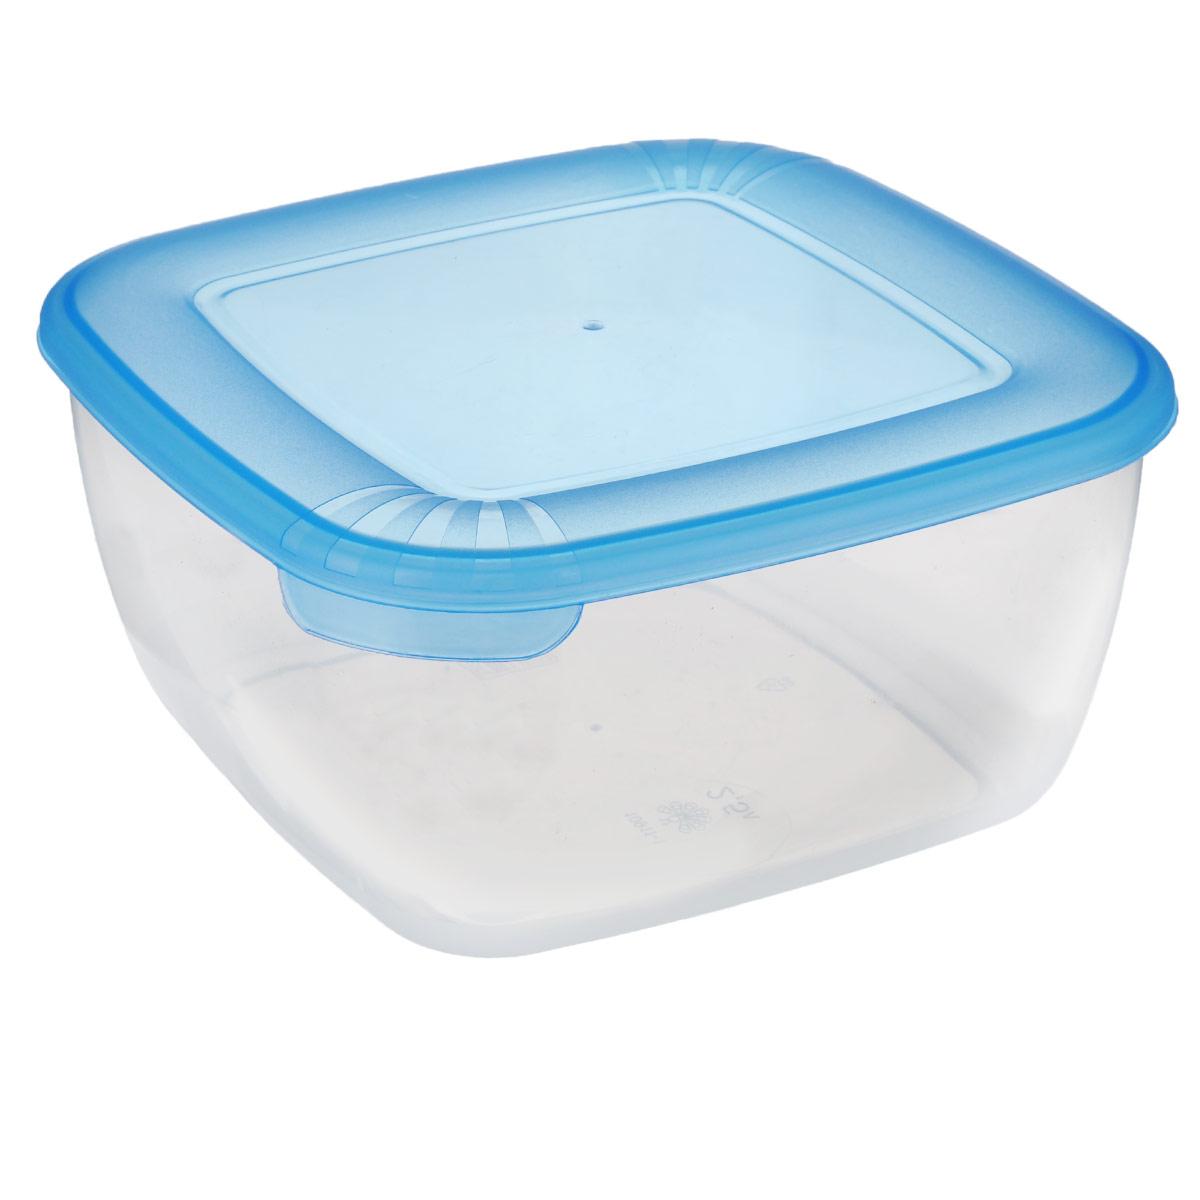 Контейнер Полимербыт Лайт, цвет: синий, прозрачный, 2,5 лС544 синийКонтейнер Полимербыт Лайт квадратной формы, изготовленный из прочного пластика, предназначен специально для хранения пищевых продуктов. Крышка легко открывается и плотно закрывается. Контейнер устойчив к воздействию масел и жиров, легко моется. Прозрачные стенки позволяют видеть содержимое. Контейнер имеет возможность хранения продуктов глубокой заморозки, обладает высокой прочностью. Подходит для использования в микроволновых печах. Можно мыть в посудомоечной машине.